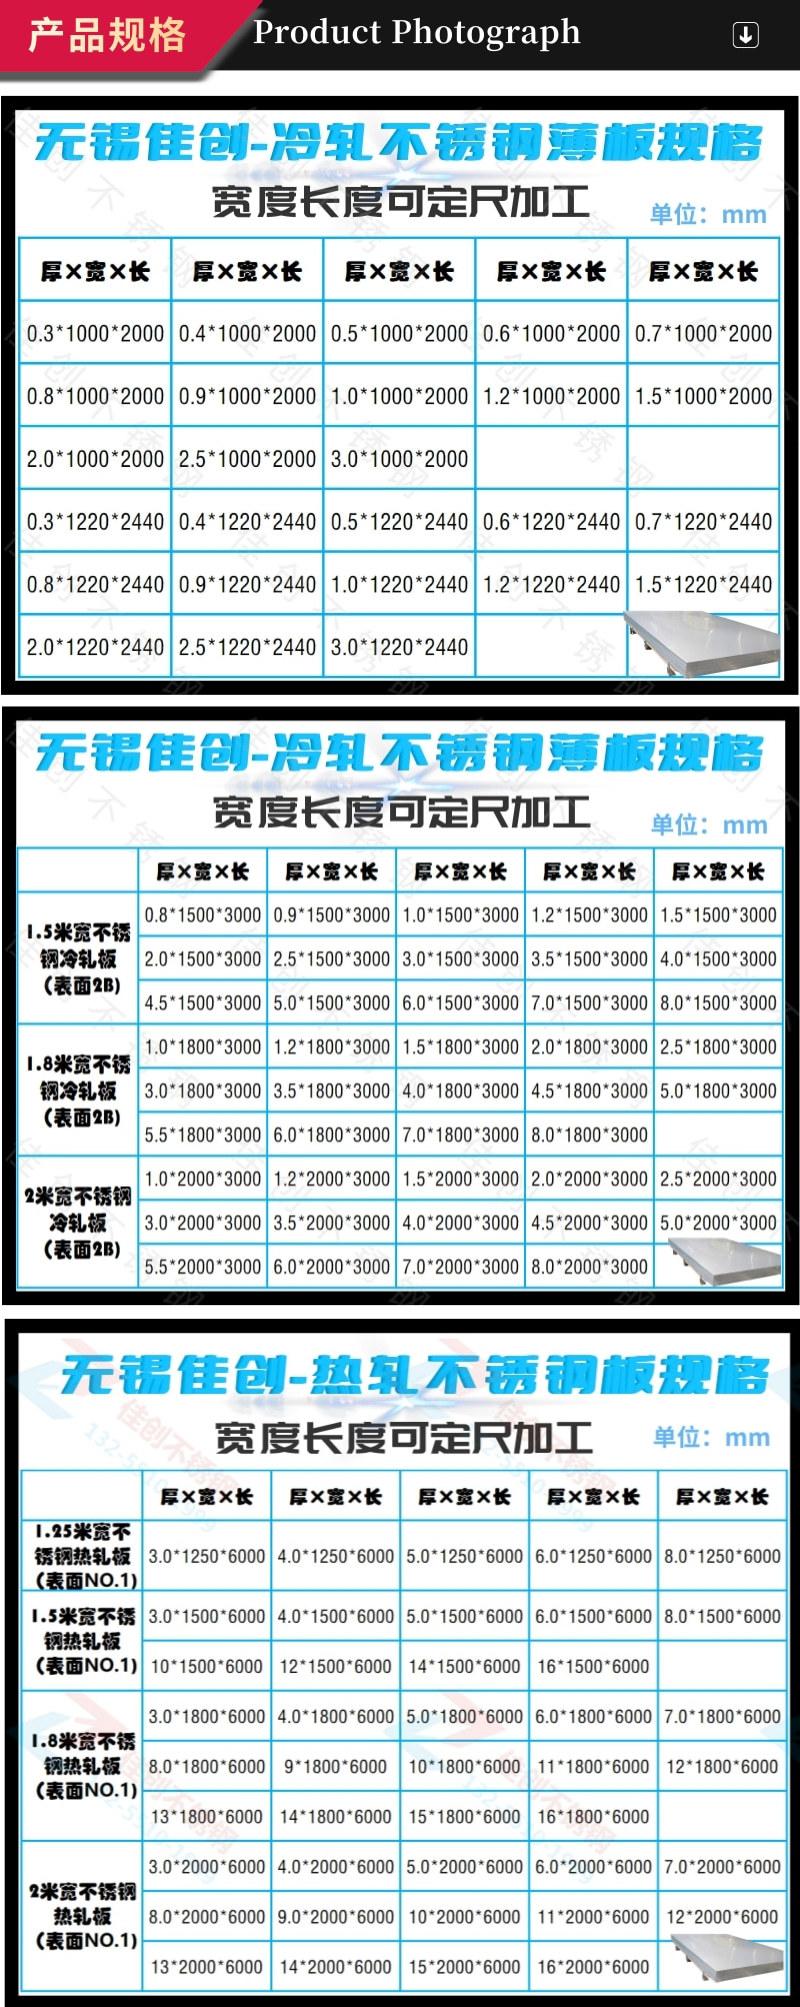 不銹鋼價格今日報價表 不銹鋼板304價格表示例圖22